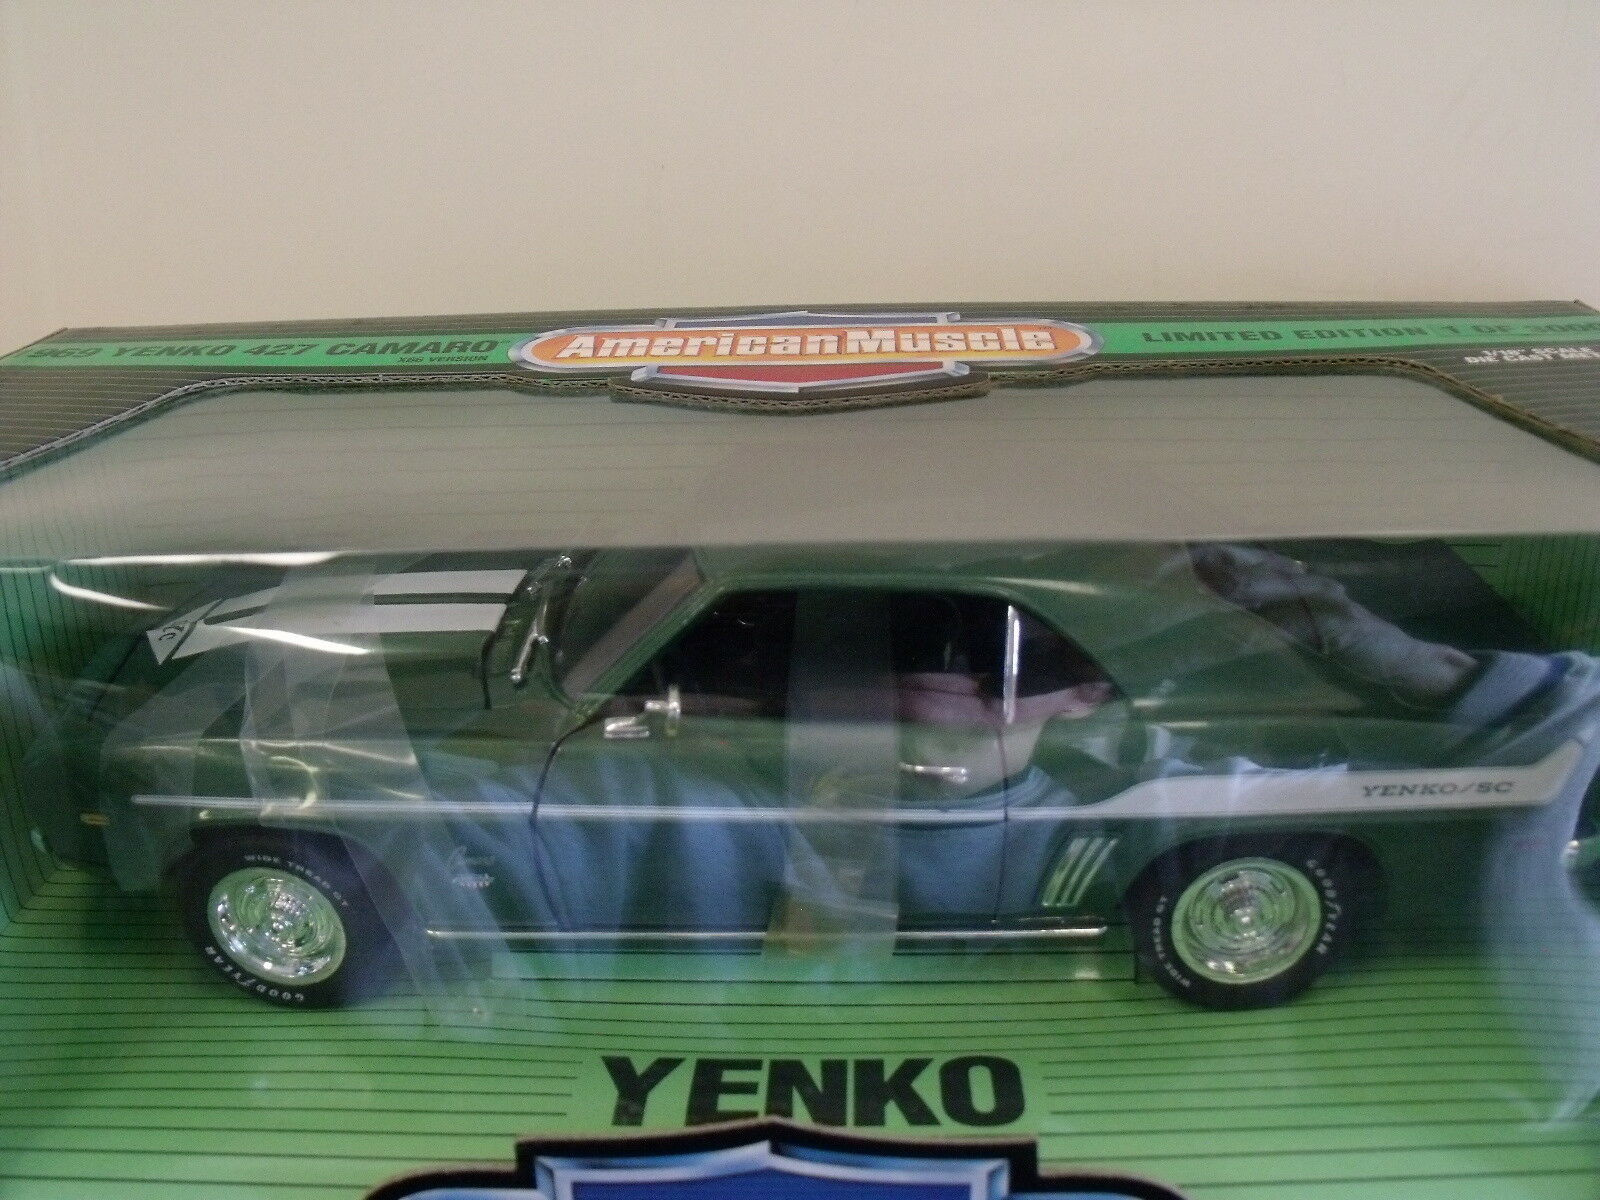 Ertl 1,18 druckguss amerikanische muskeln 1969 yenko 427 camaro limited edition